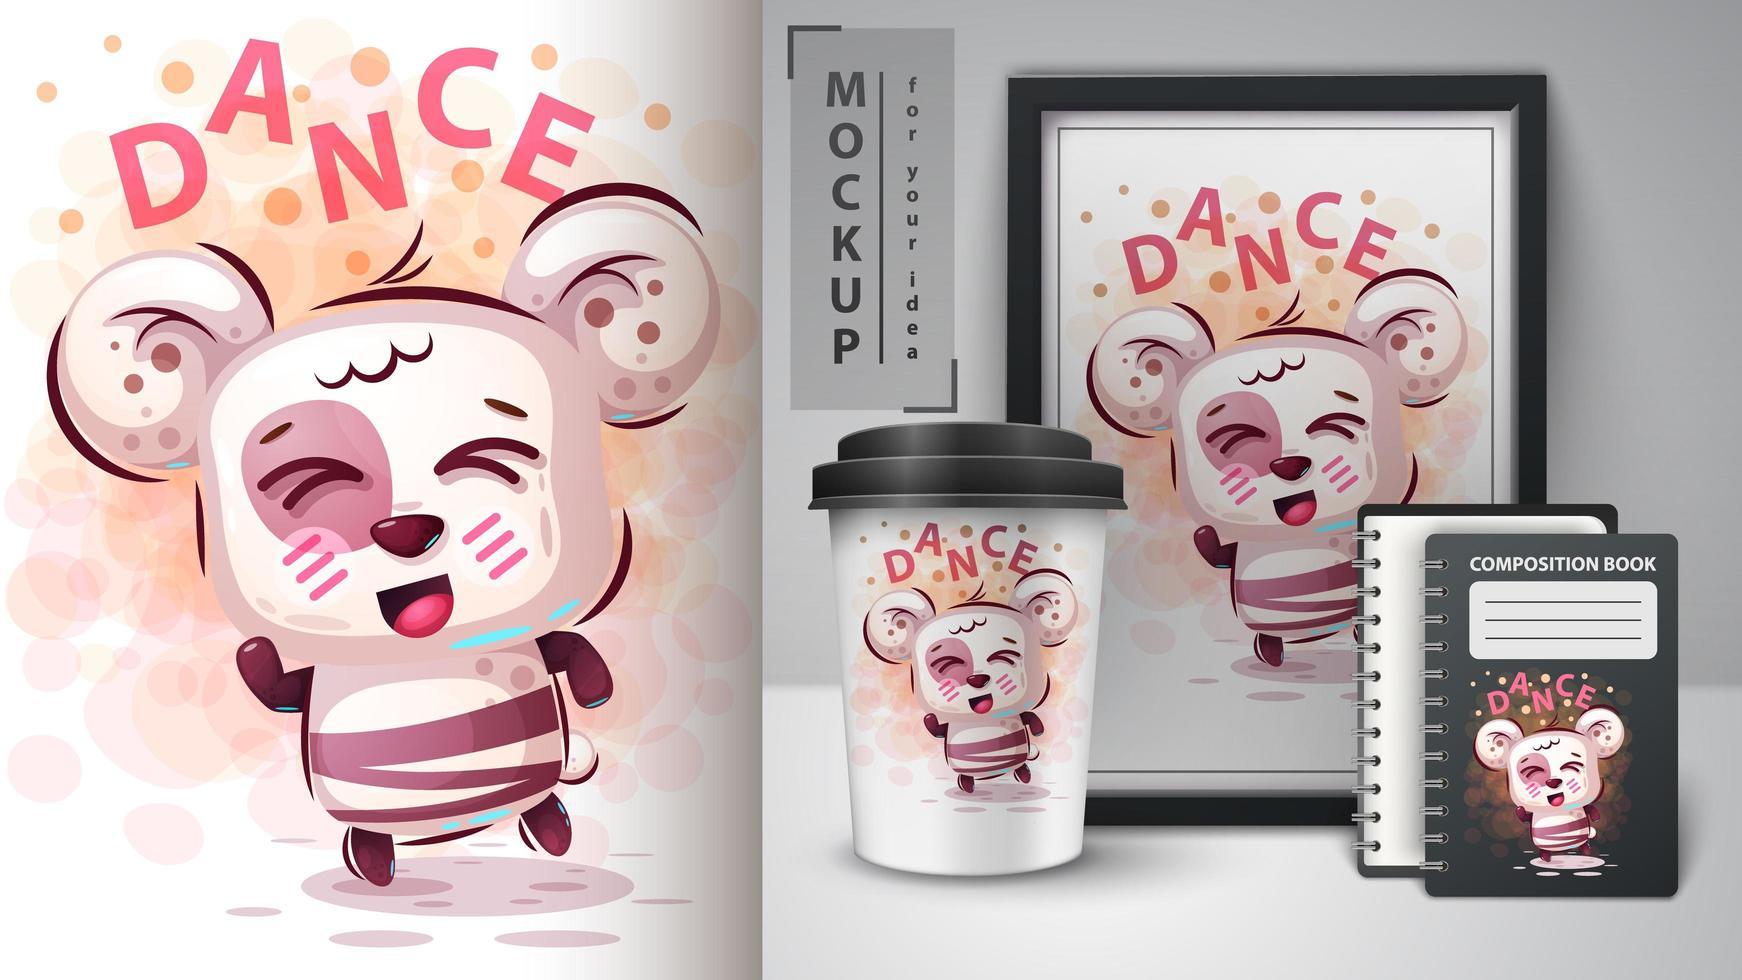 diseño lindo oso de baile de dibujos animados vector